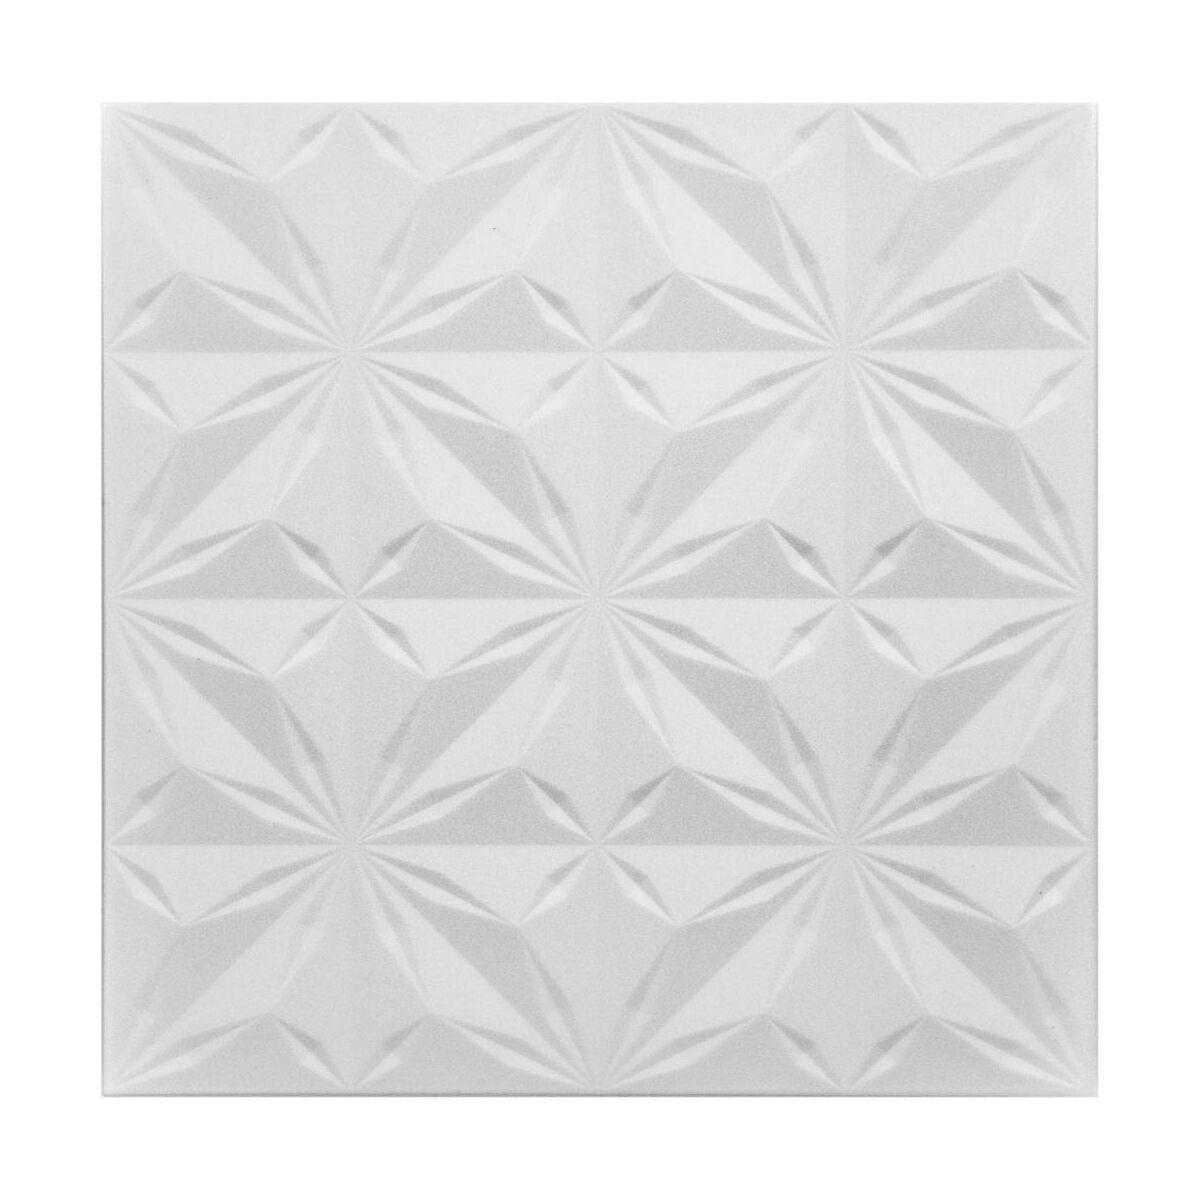 Kaseton Styropianowy Origami 50 X 50 Cm 2 M2 8 Plyt Dms Kasetony I Plyty Dekoracyjne W Atrakcyjnej Cenie W Sklepach Leroy Merlin